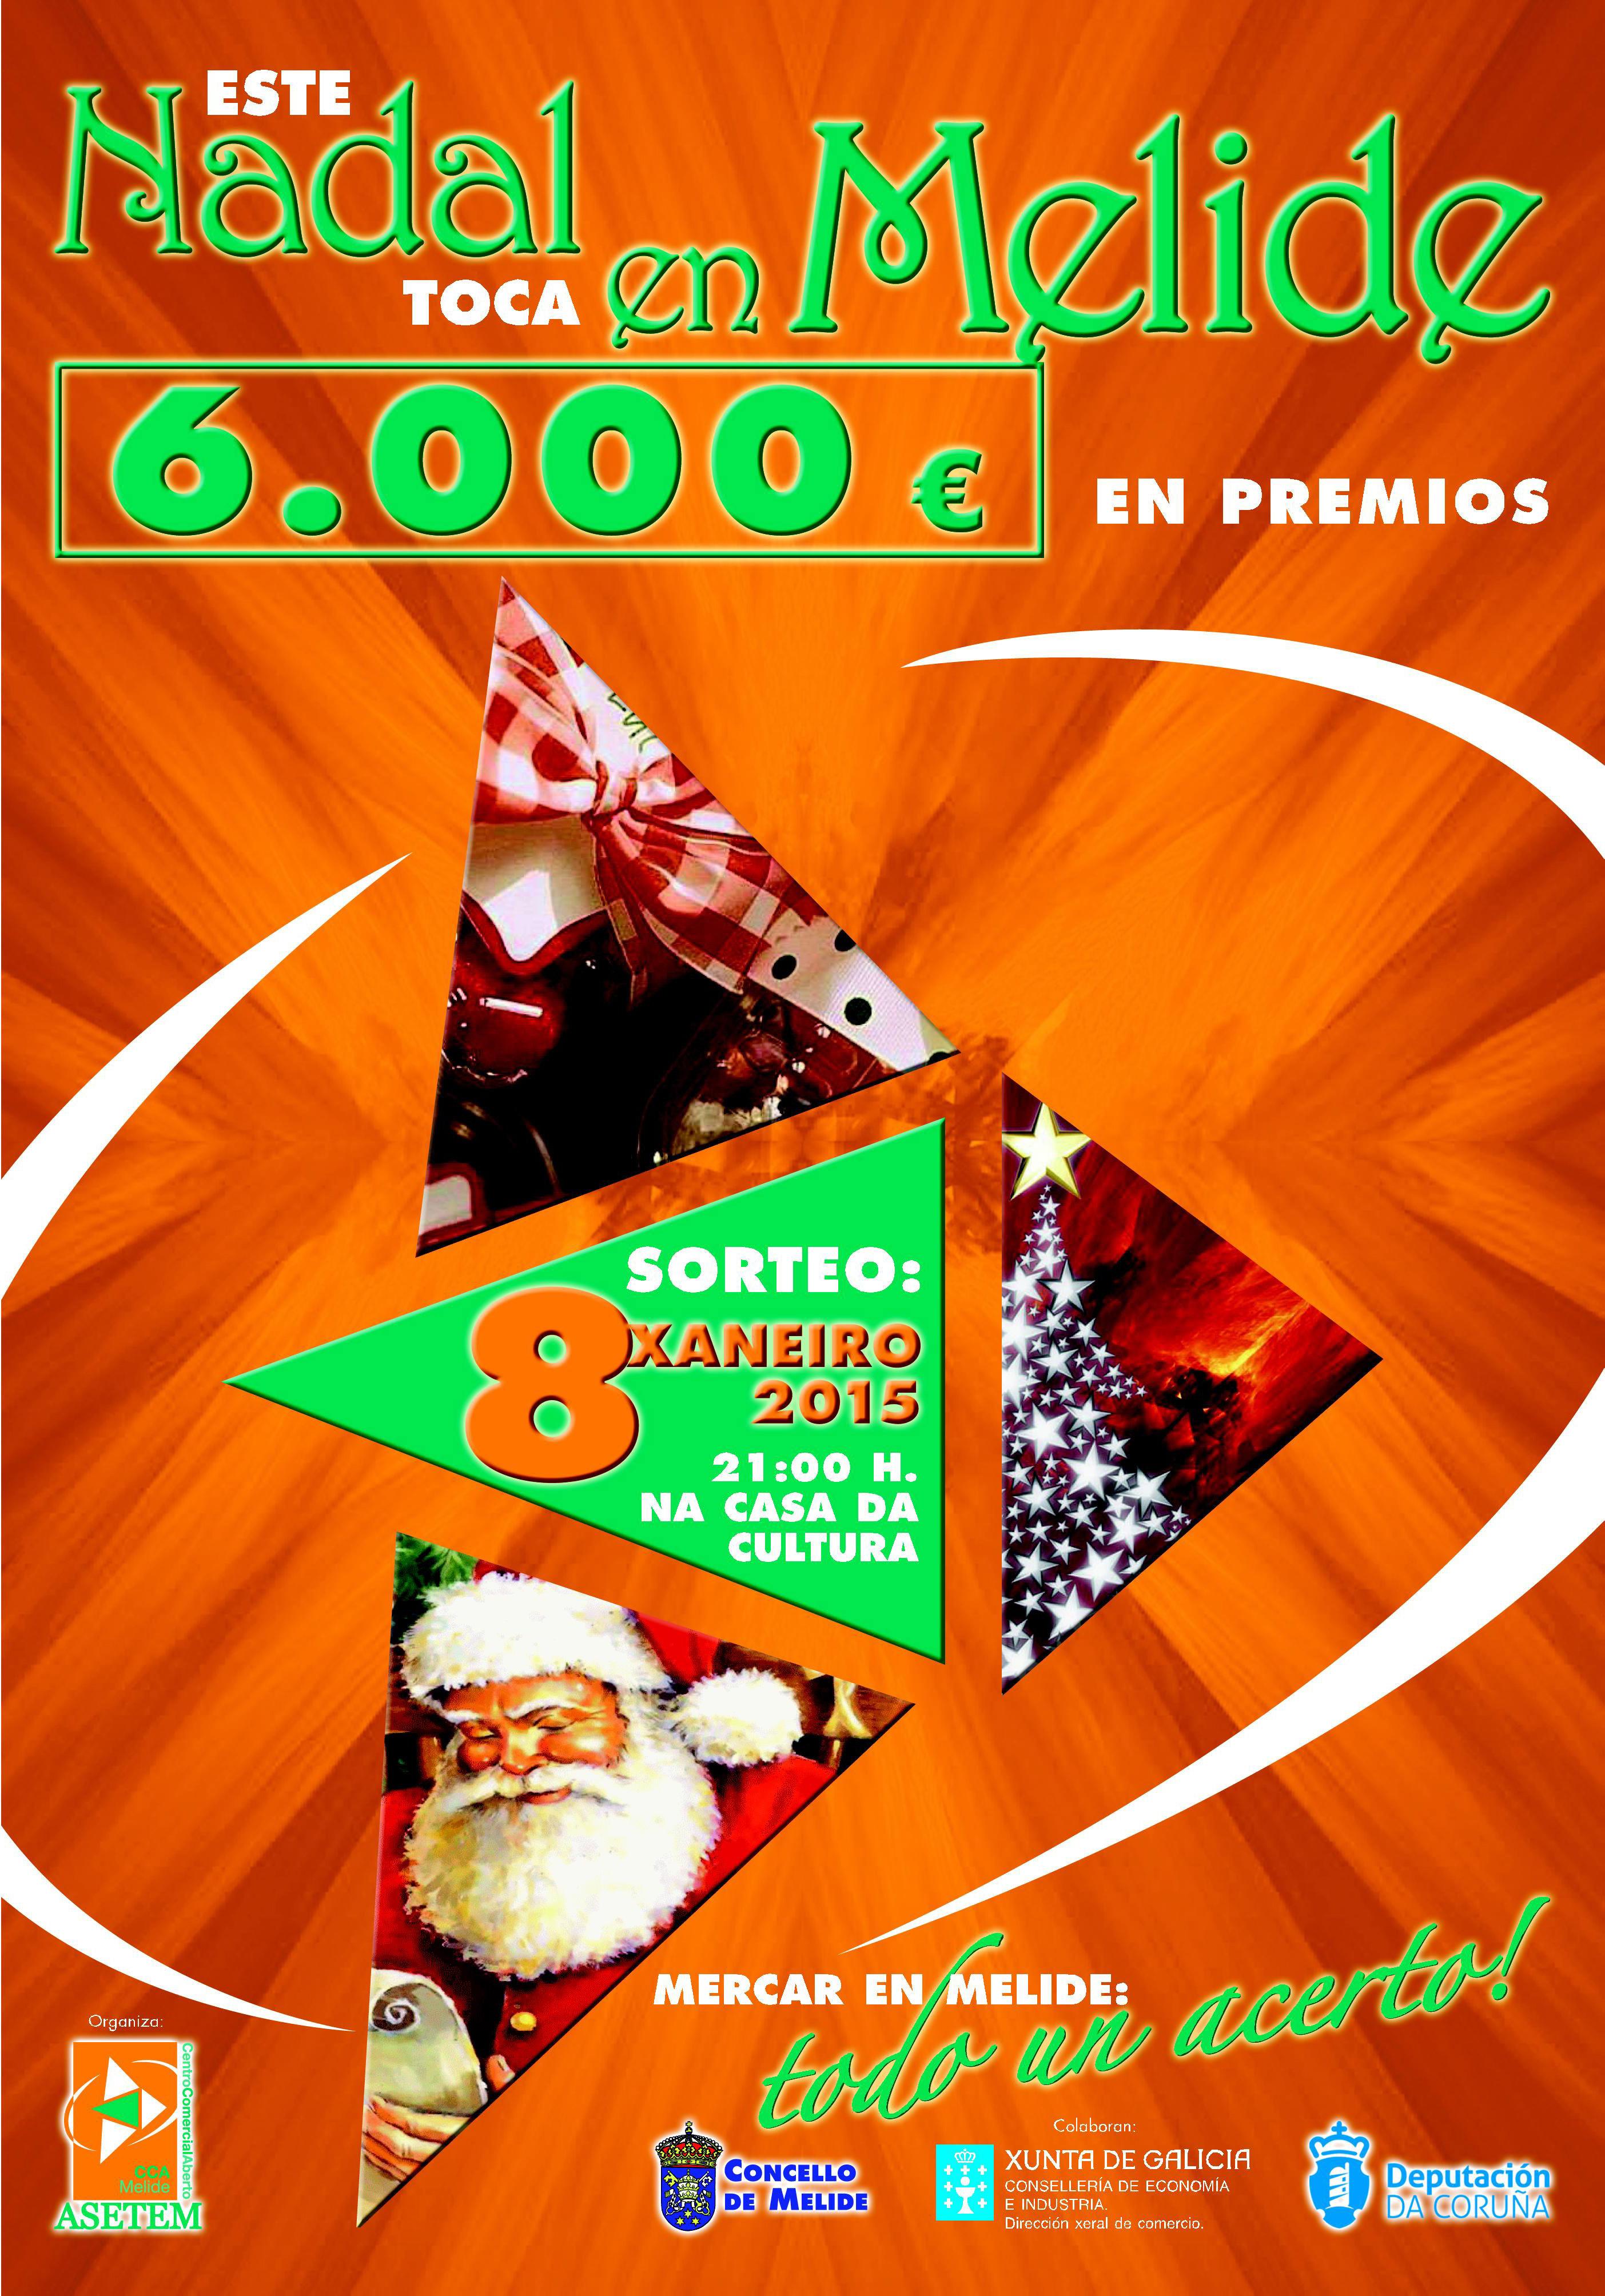 Campaña de Nadal 2014